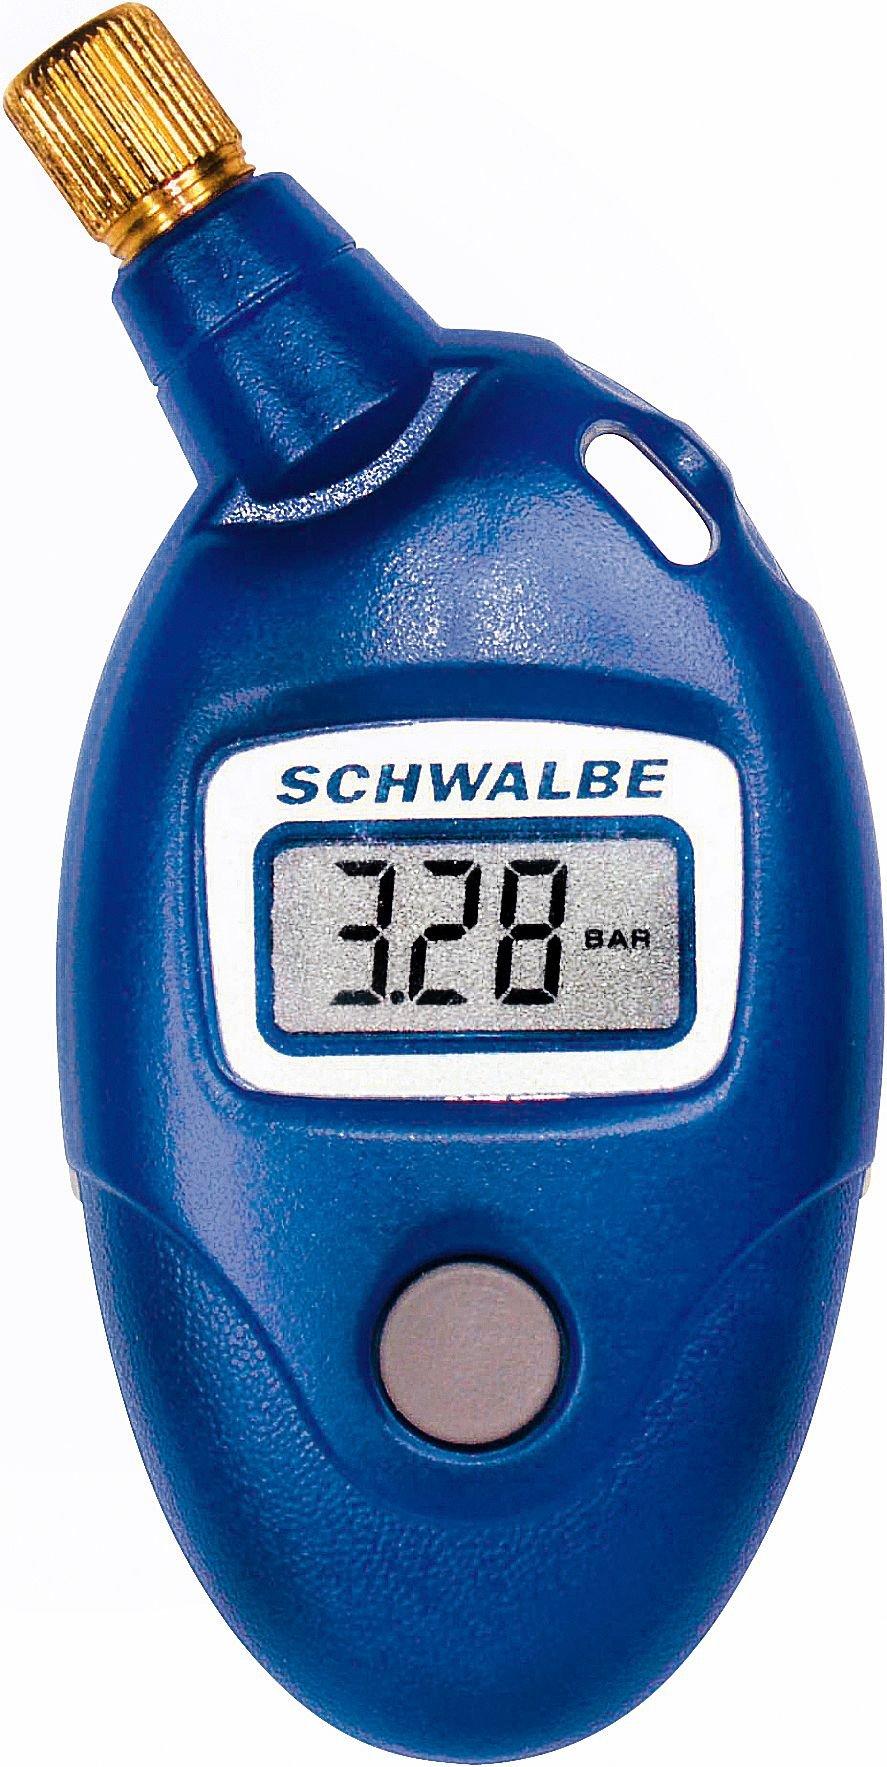 Schwalbe Luftdruckprüfer Airmax Pro